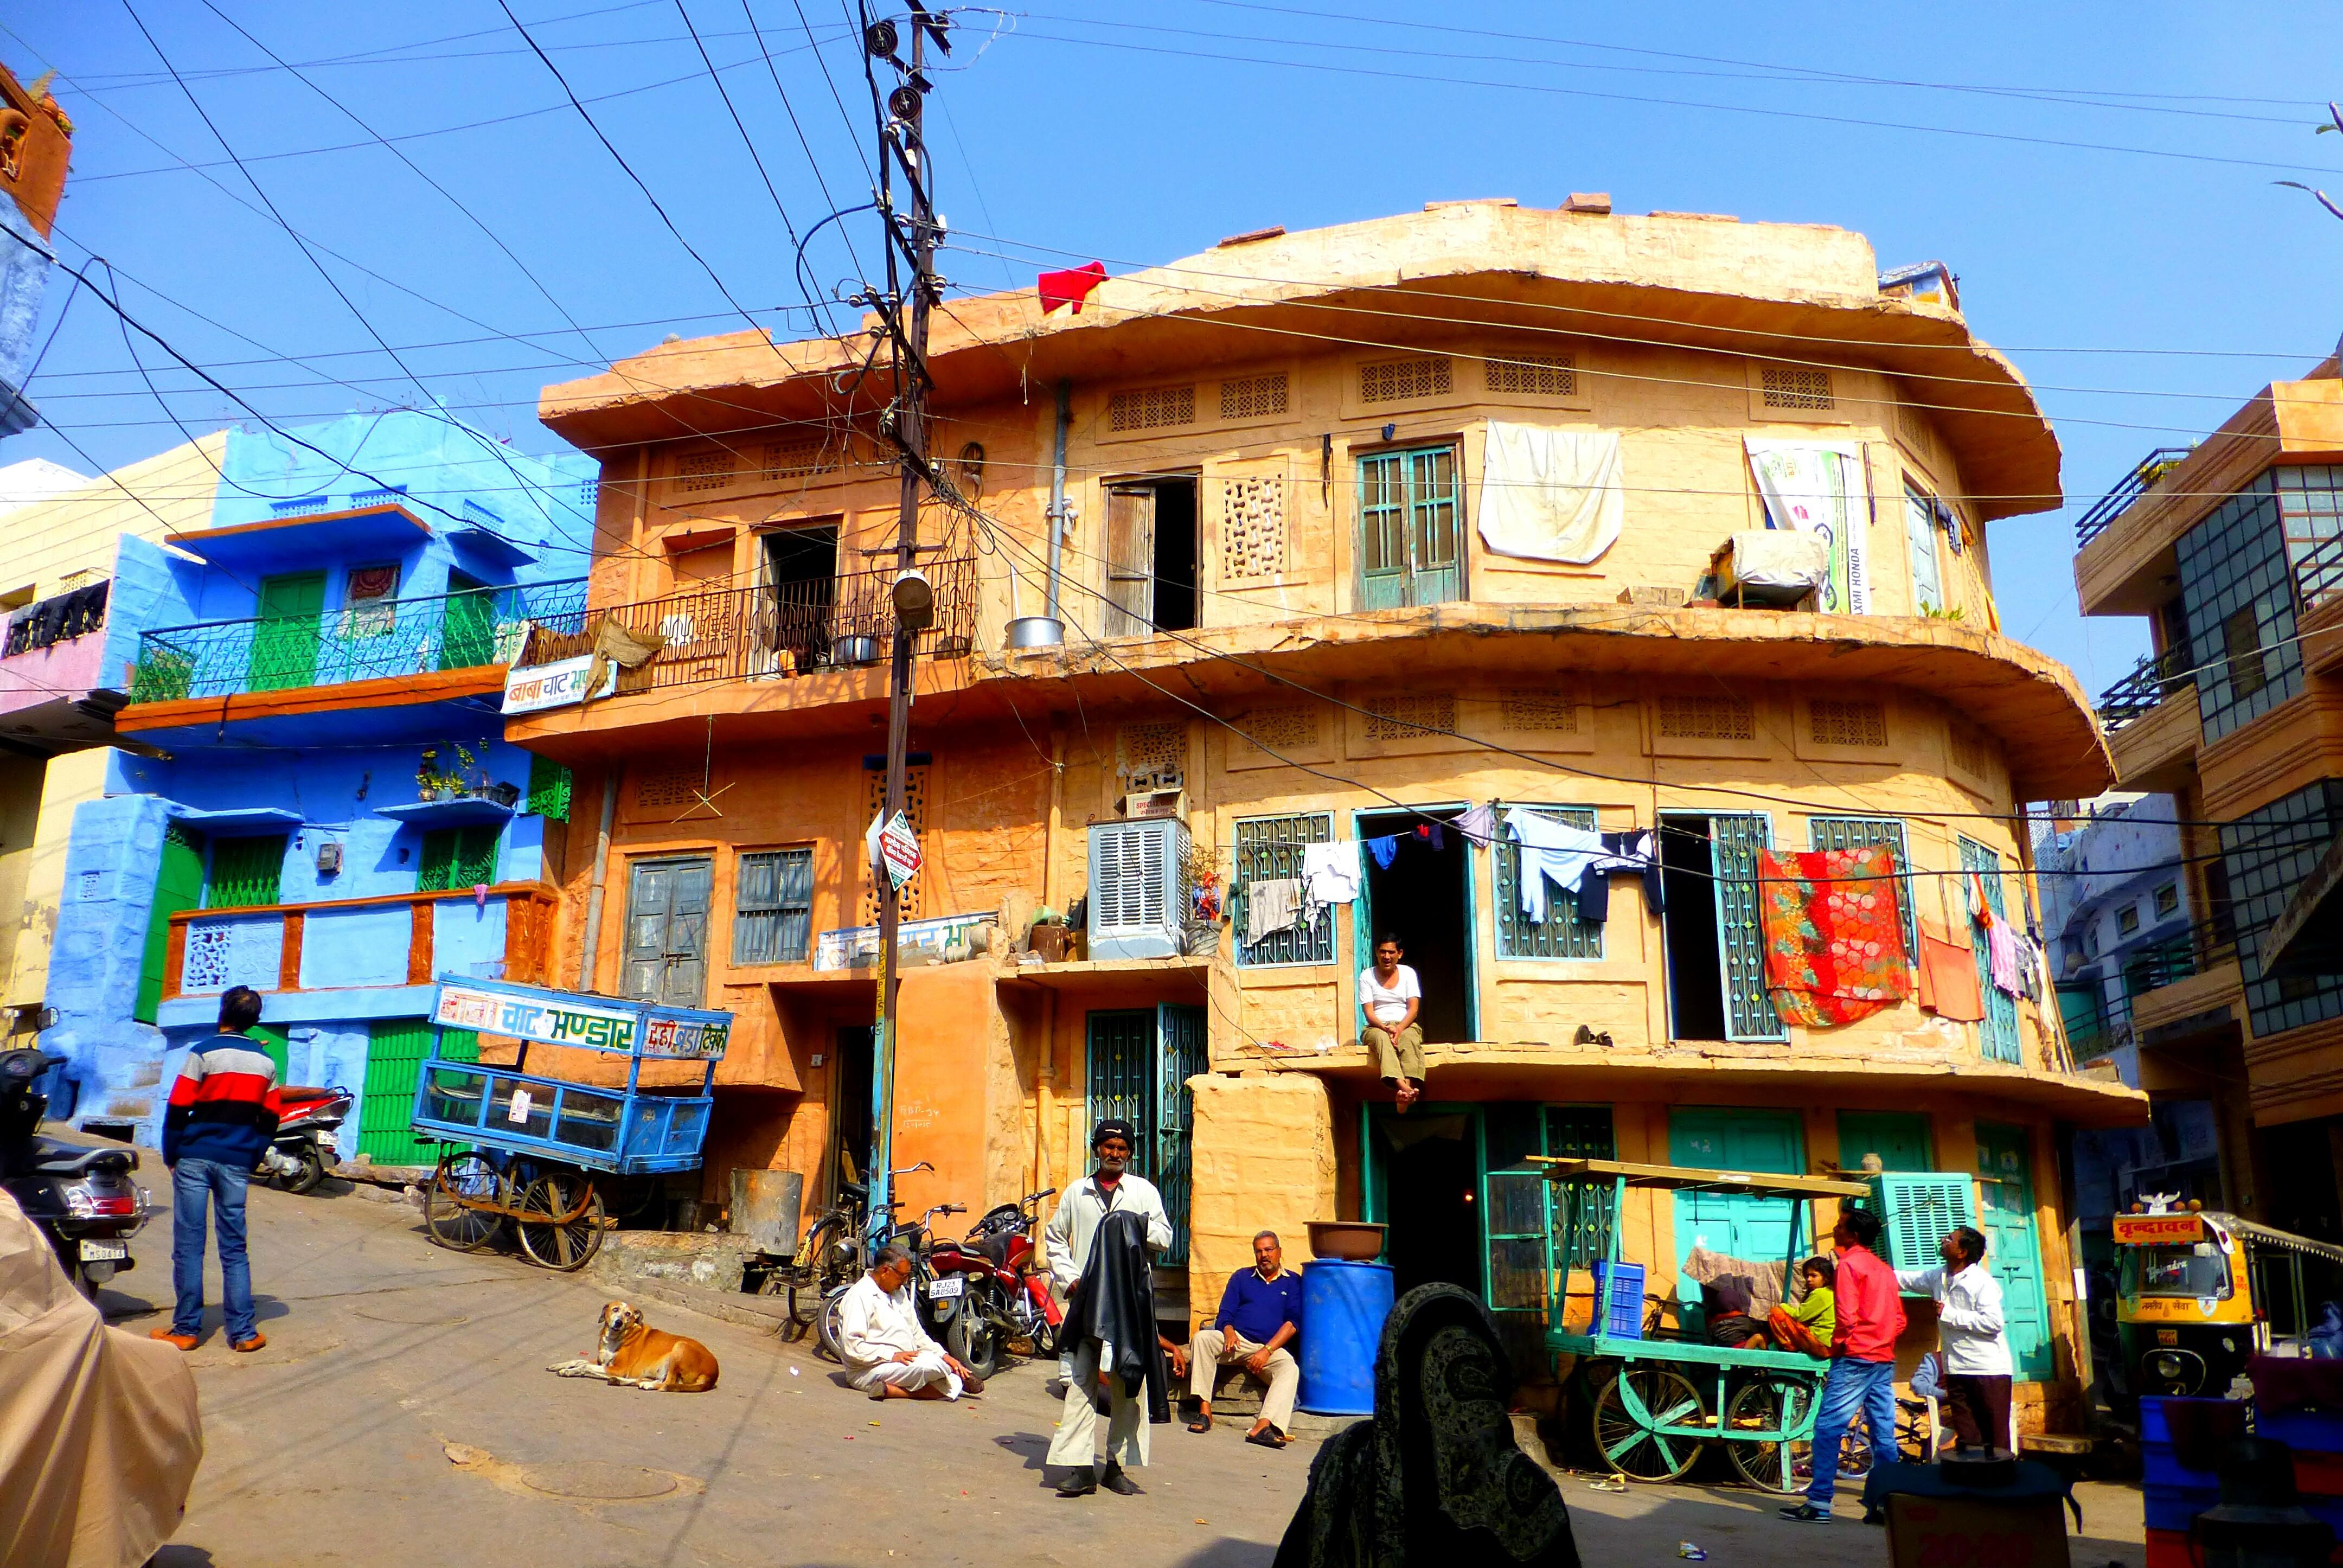 #IncredibleIndia Rondreis India